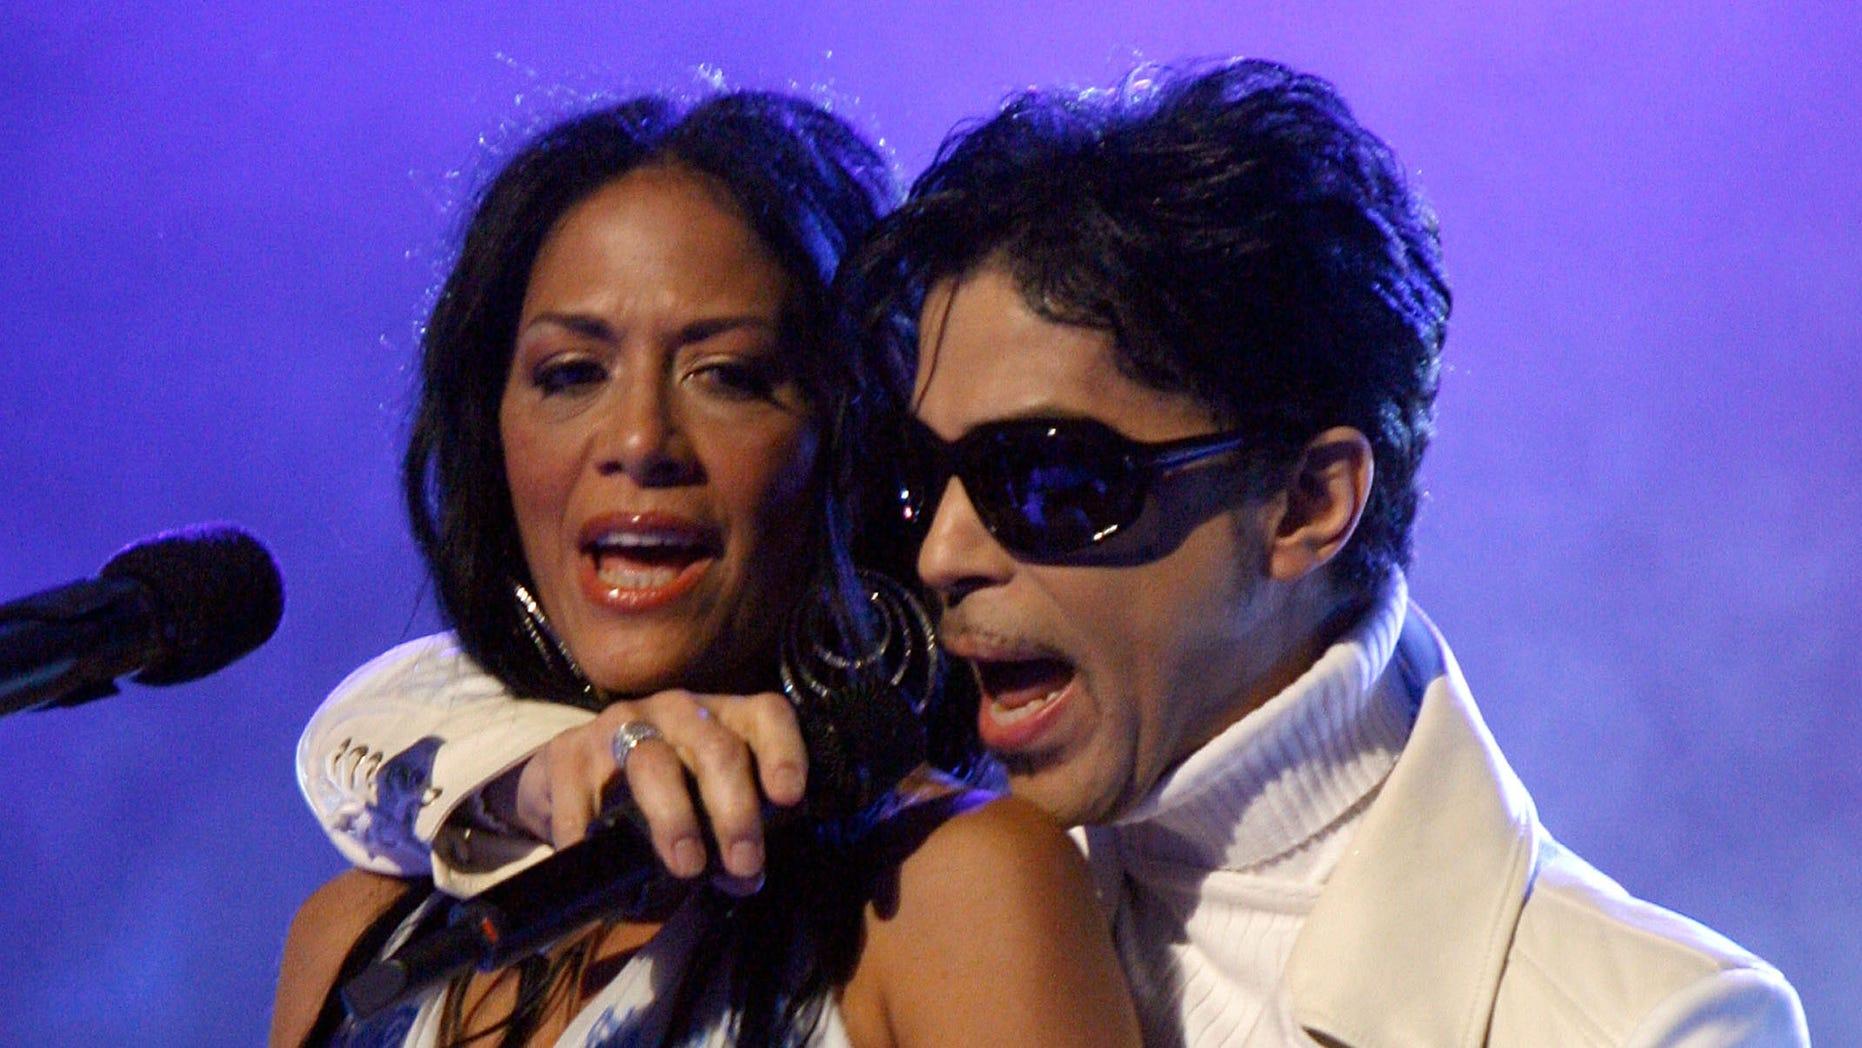 Sheila E. and Prince during the 2007 NCLR ALMA Awards in Pasadena, California.